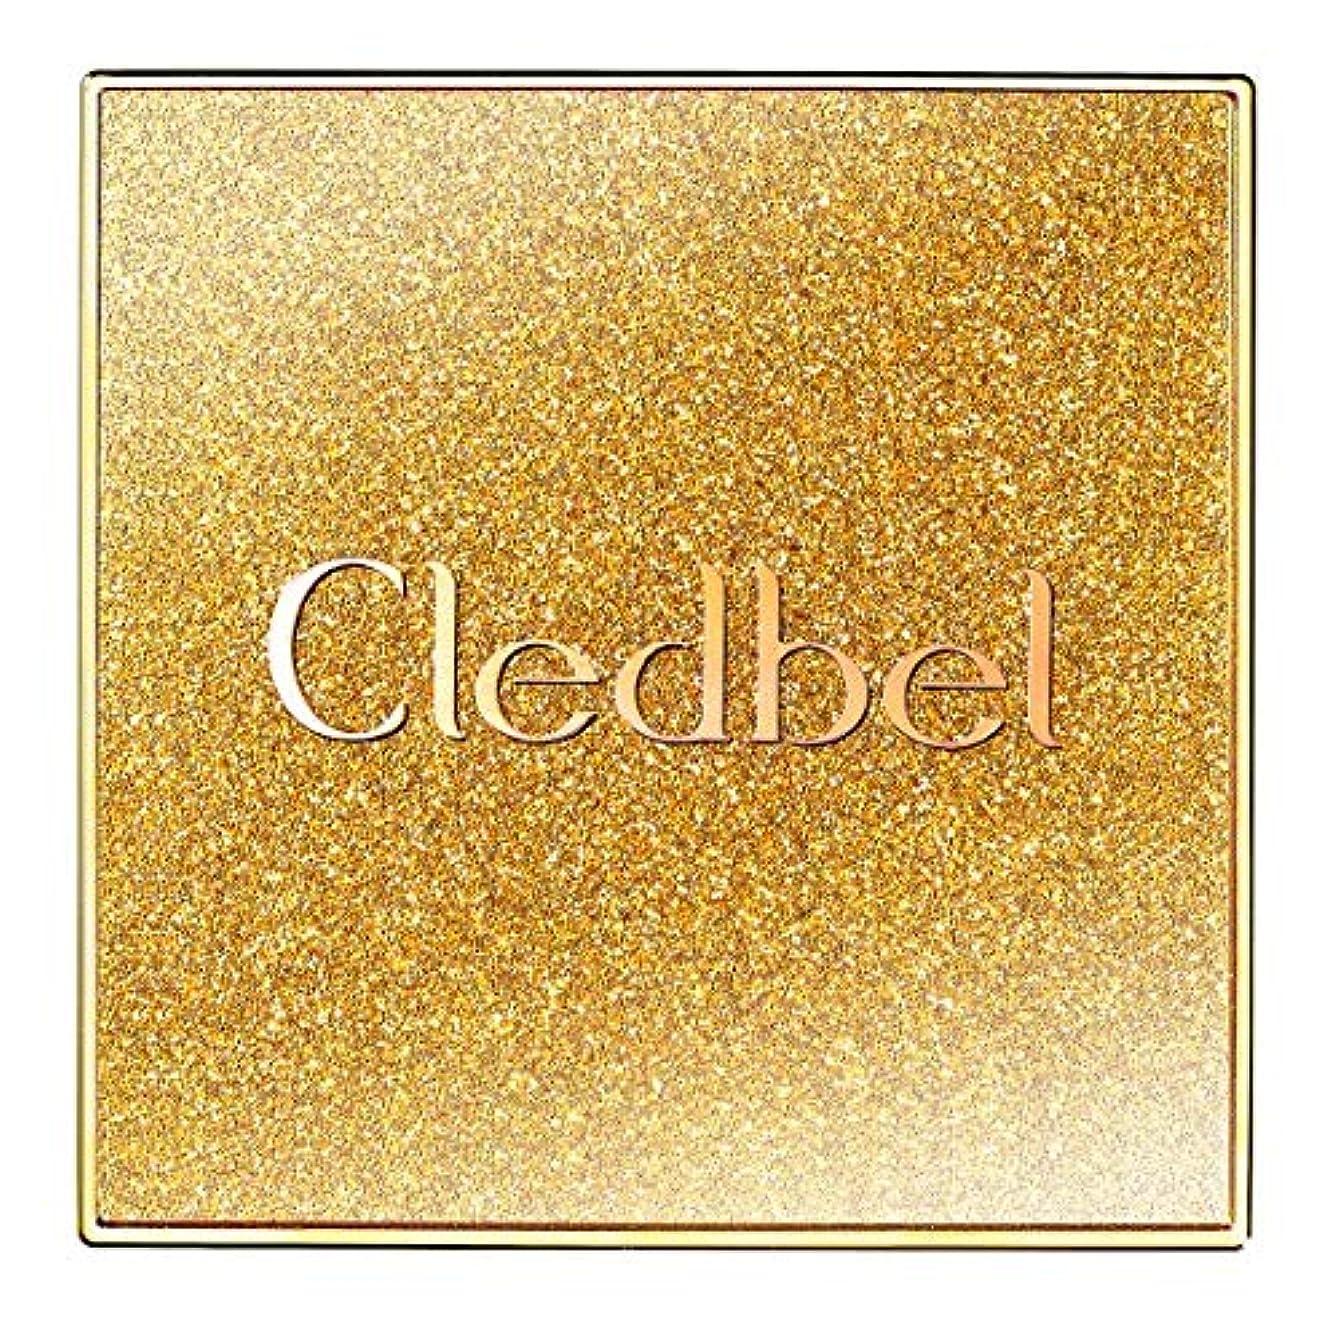 解放説明的黙認する[Cledbel] Miracle Power Lift V Cushion SPF50+ PA+++ GOLD EDITION/クレッドベルミラクルリフトV クッション [並行輸入品]